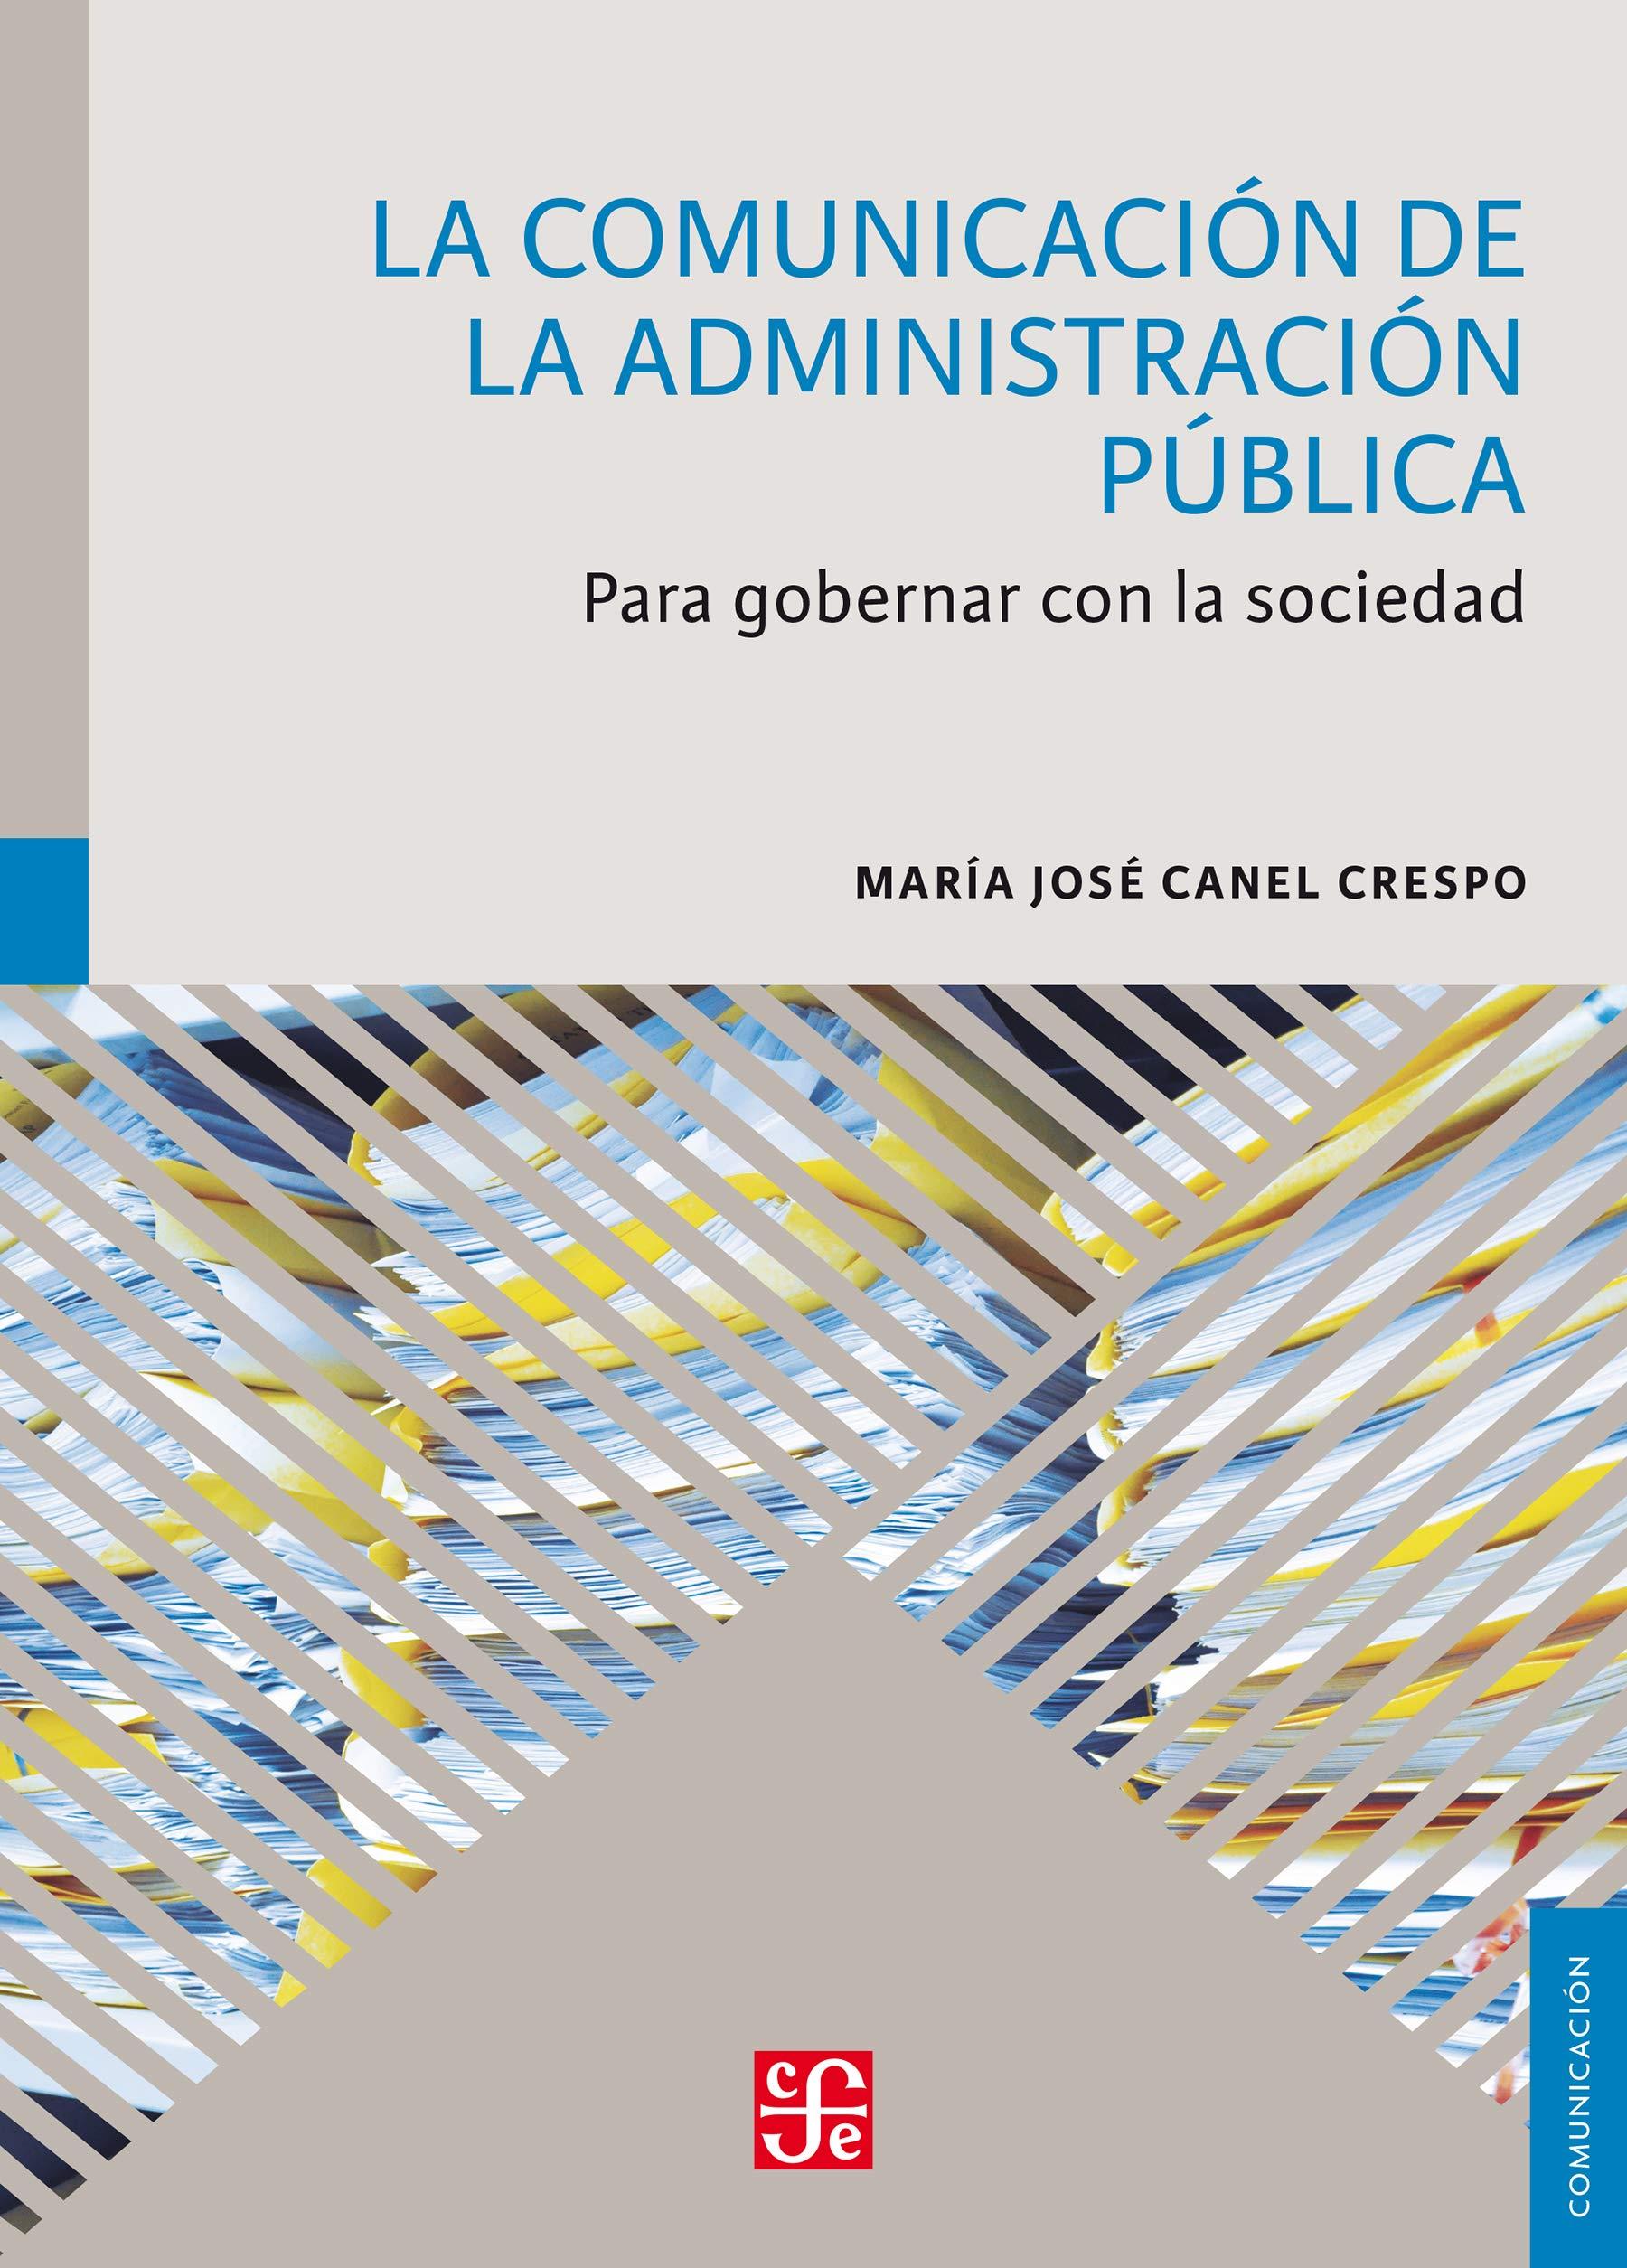 La Comunicación de la Administración Pública. Para gobernar con la sociedad (Comunicación / Communication)